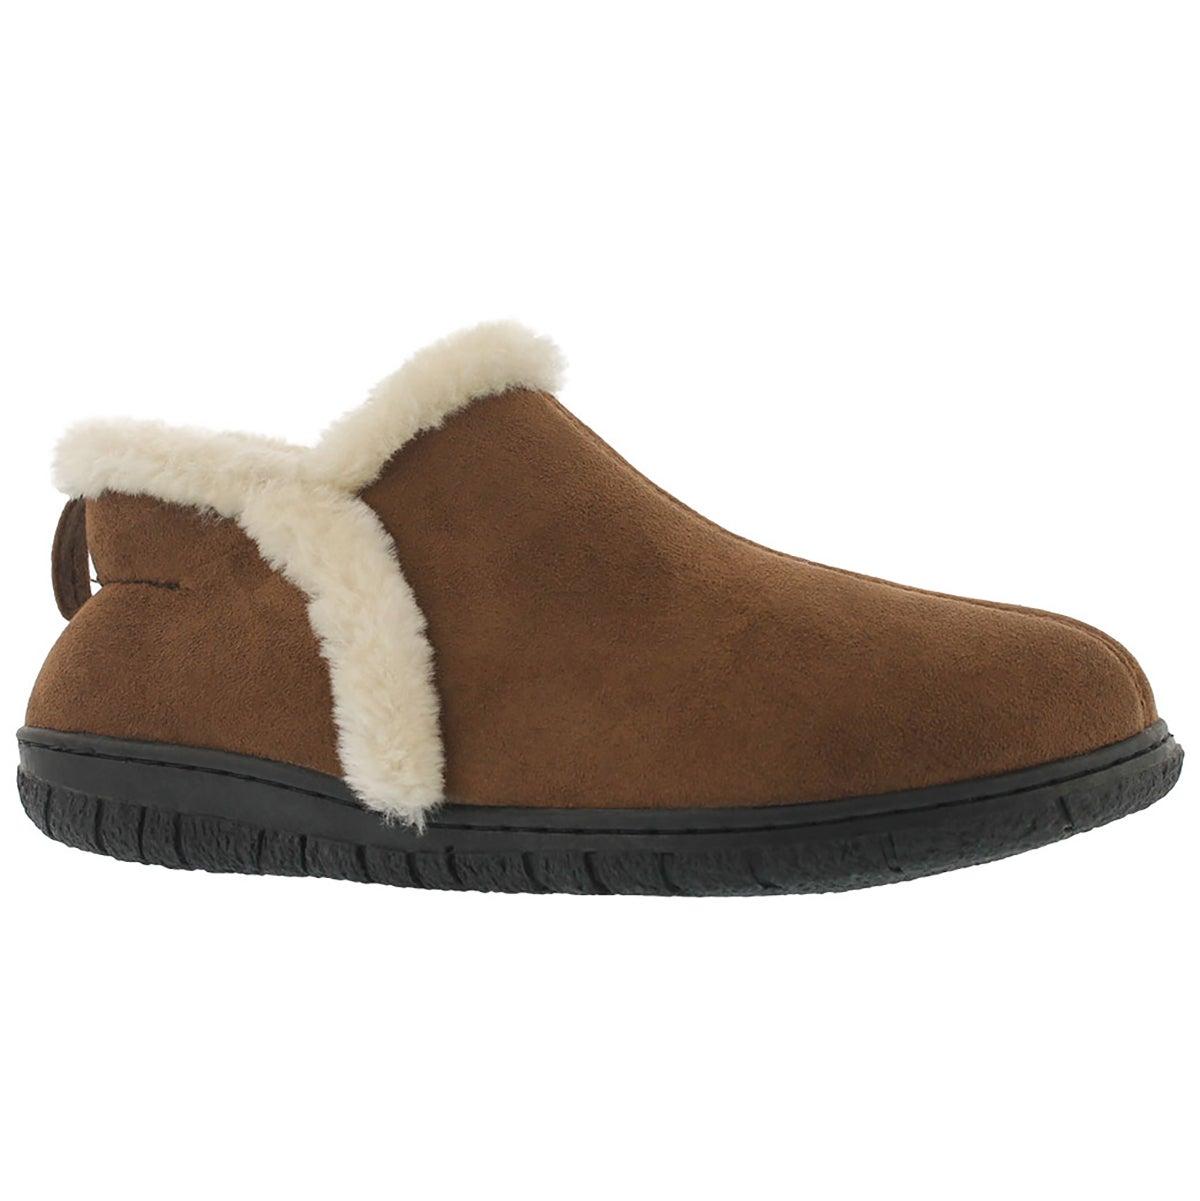 Lds Rachel tpe mem foam clsd bck slipper